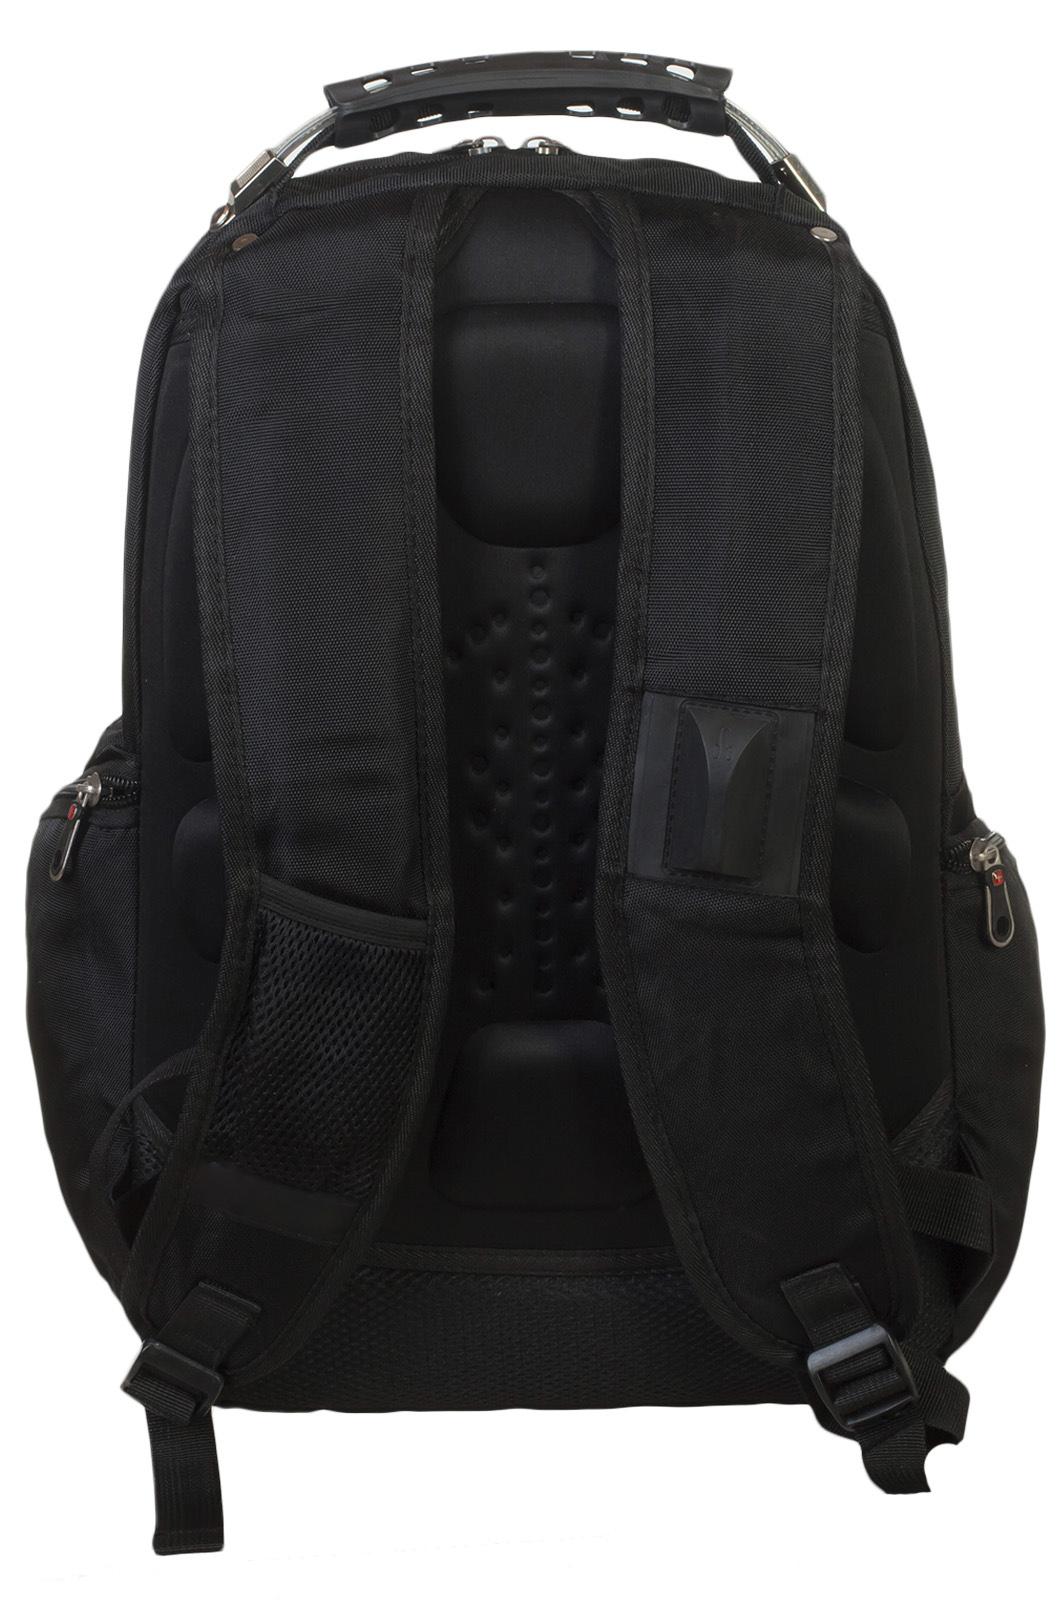 Топовый городской рюкзак с шевроном ЗА ВМФ купить онлайн